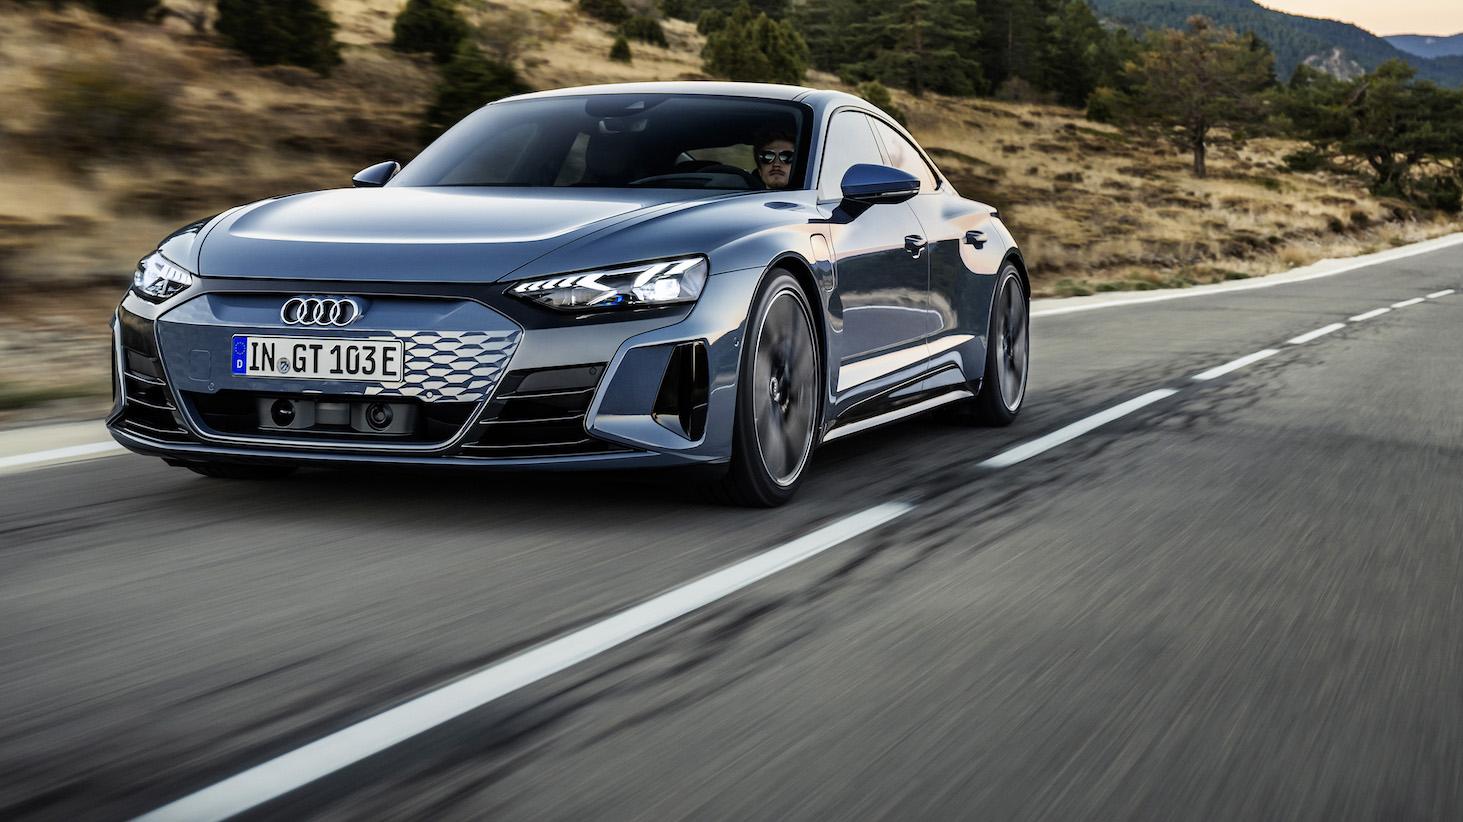 最美電動車是你?Audi e-tron GT 雙車型歐洲率先登場